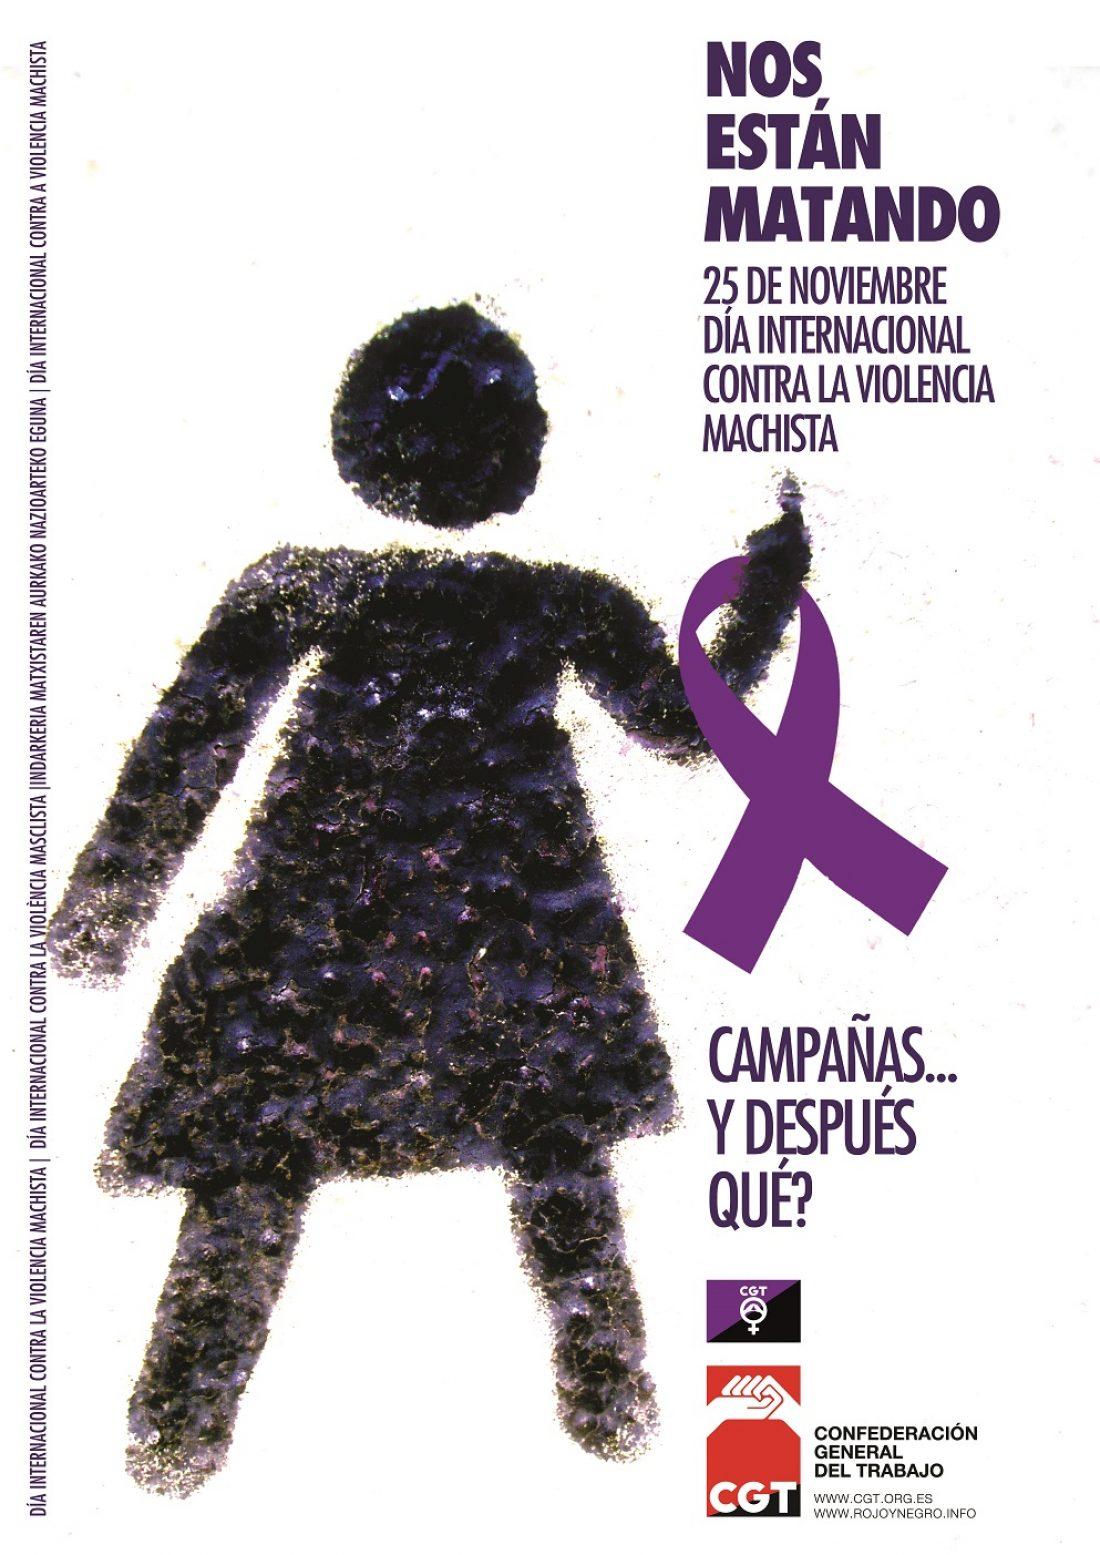 25 de noviembre 2015 – Día Internacional Contra la Violencia Machista